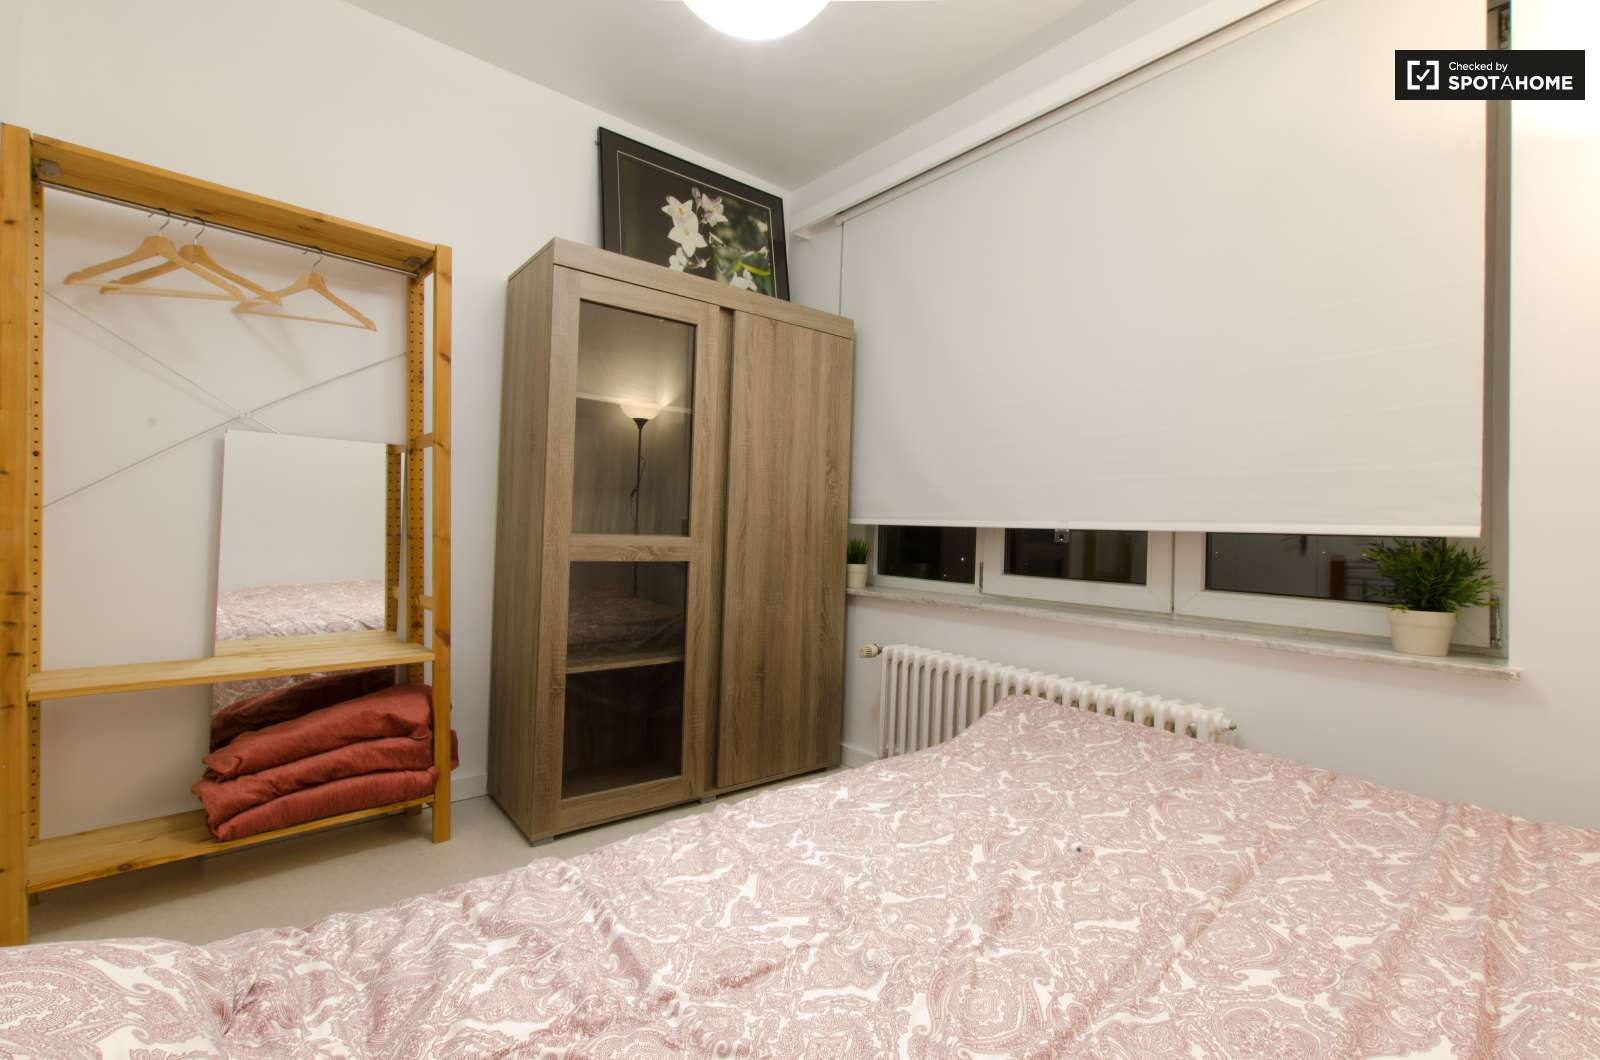 Grande chambre dans un appartement de 4 chambres jette for Appartement a louer a jette 3 chambre